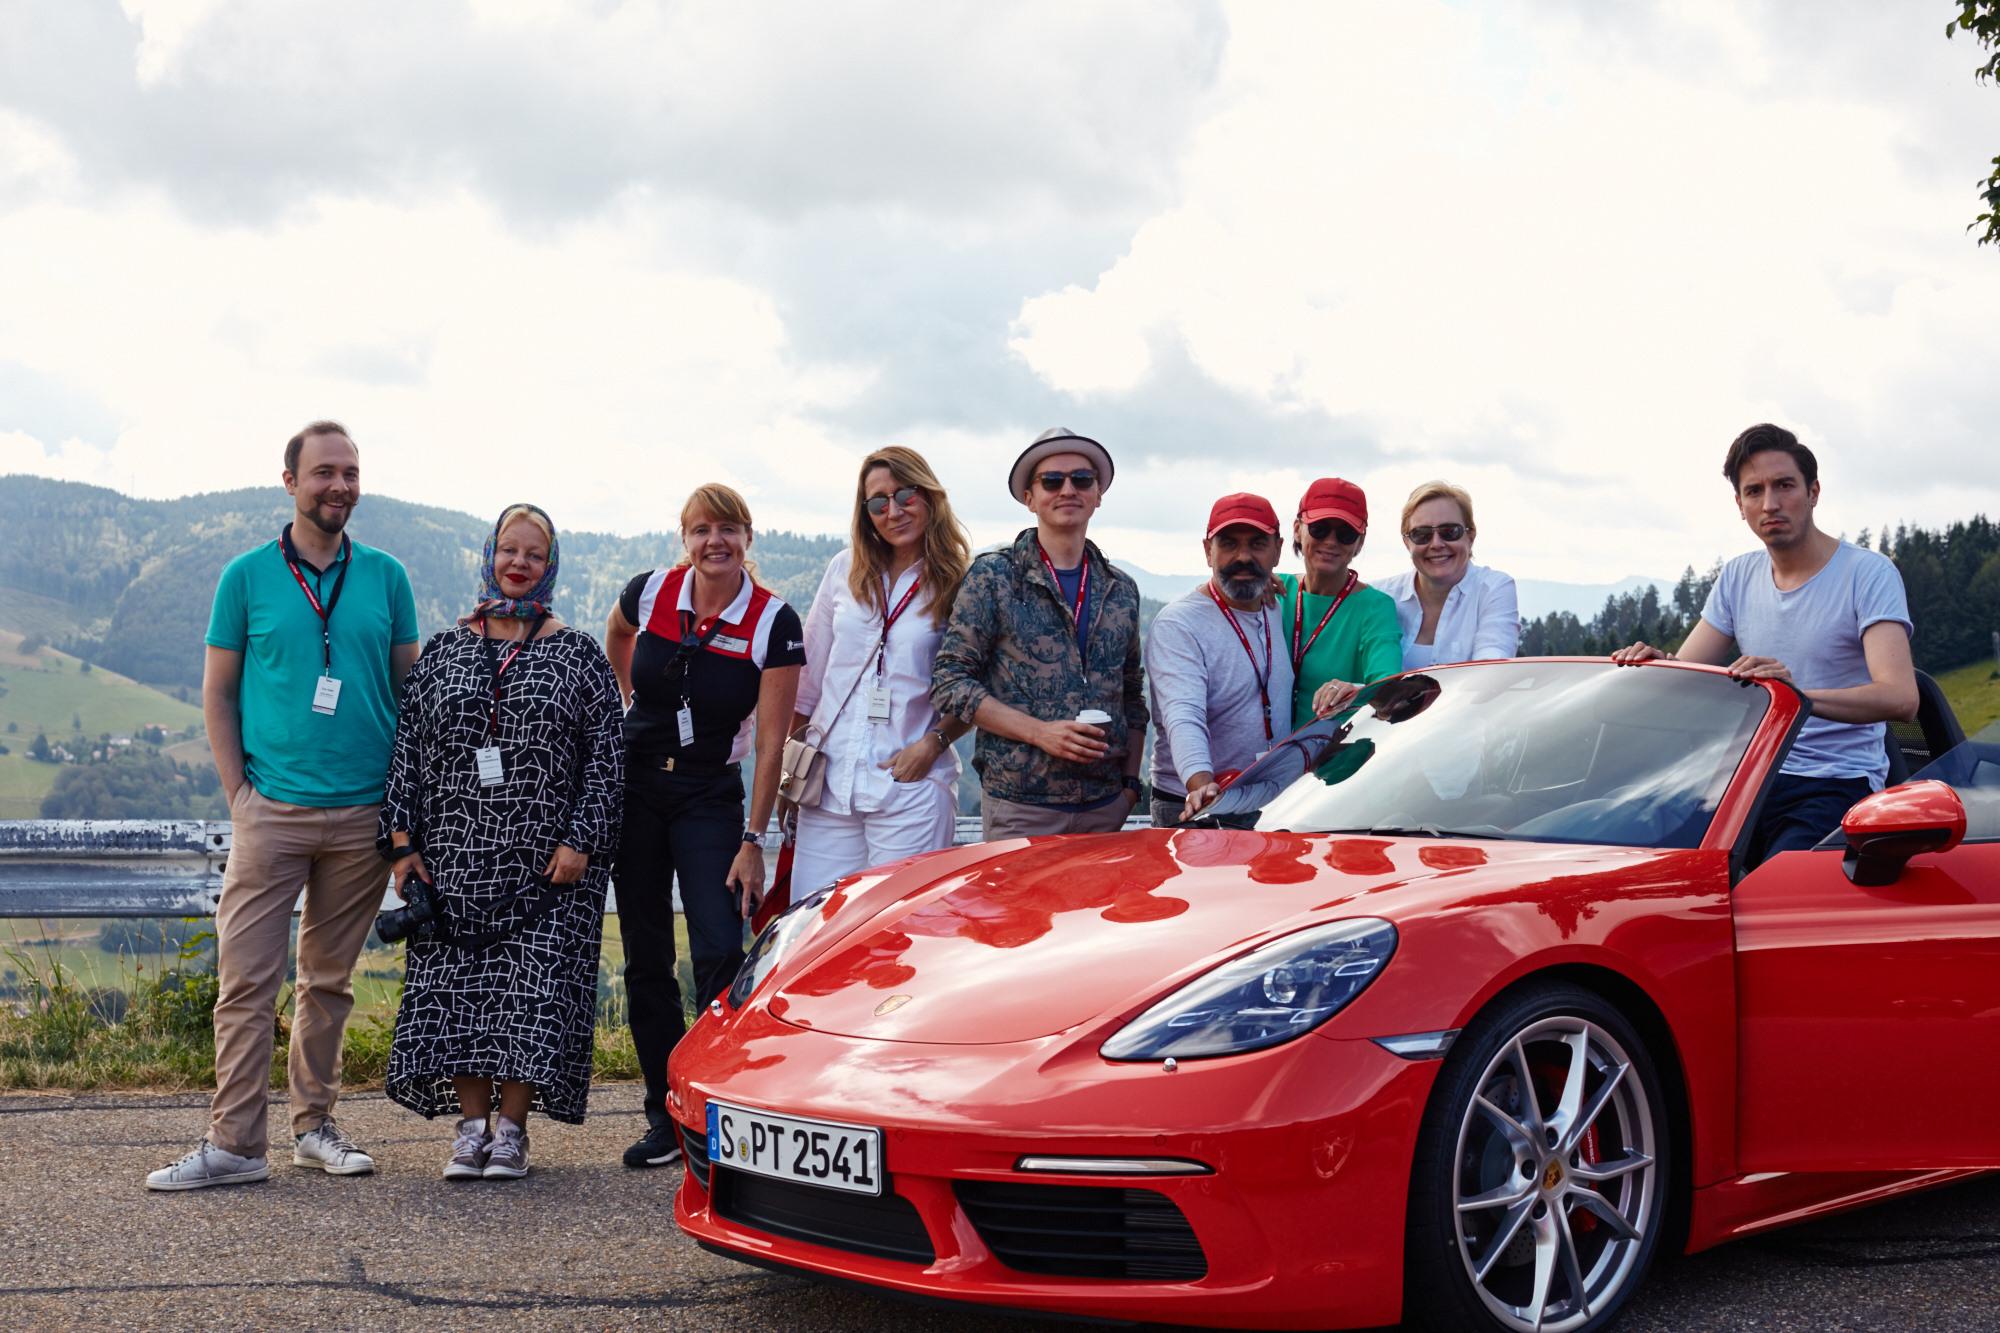 Porsche gourmet tour, третий день, окончание: обратно в Черный лес из Франции